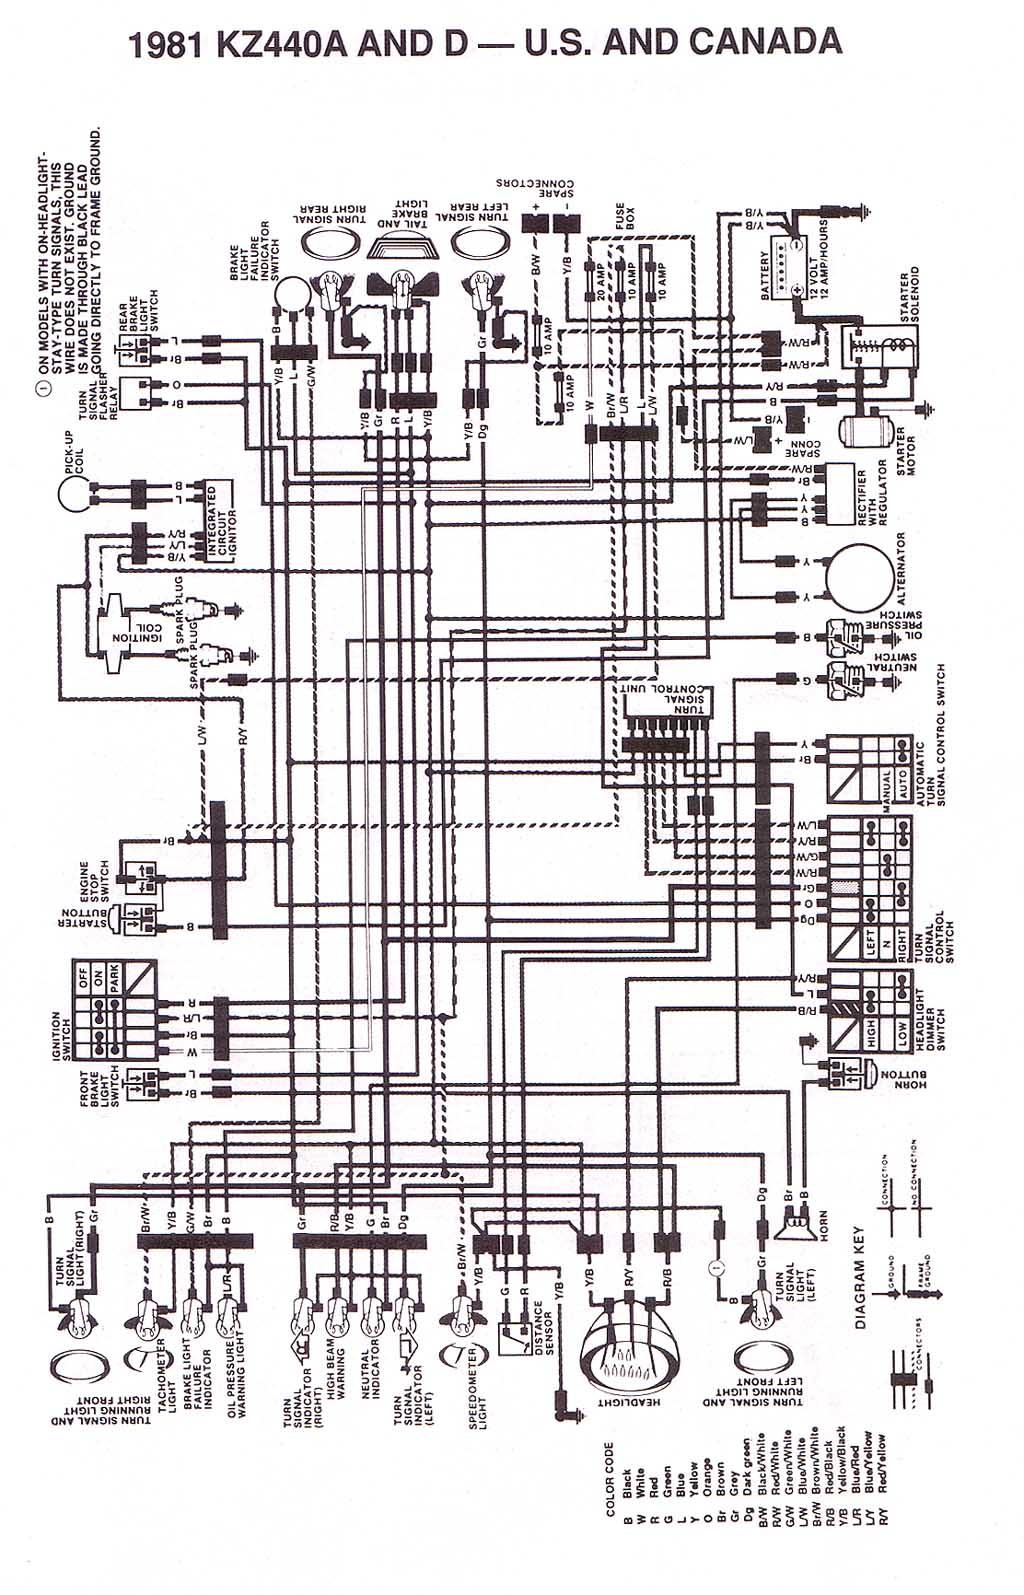 Fine Bobber Wiring Diagram Vignette - Wiring Schematics and Diagrams ...